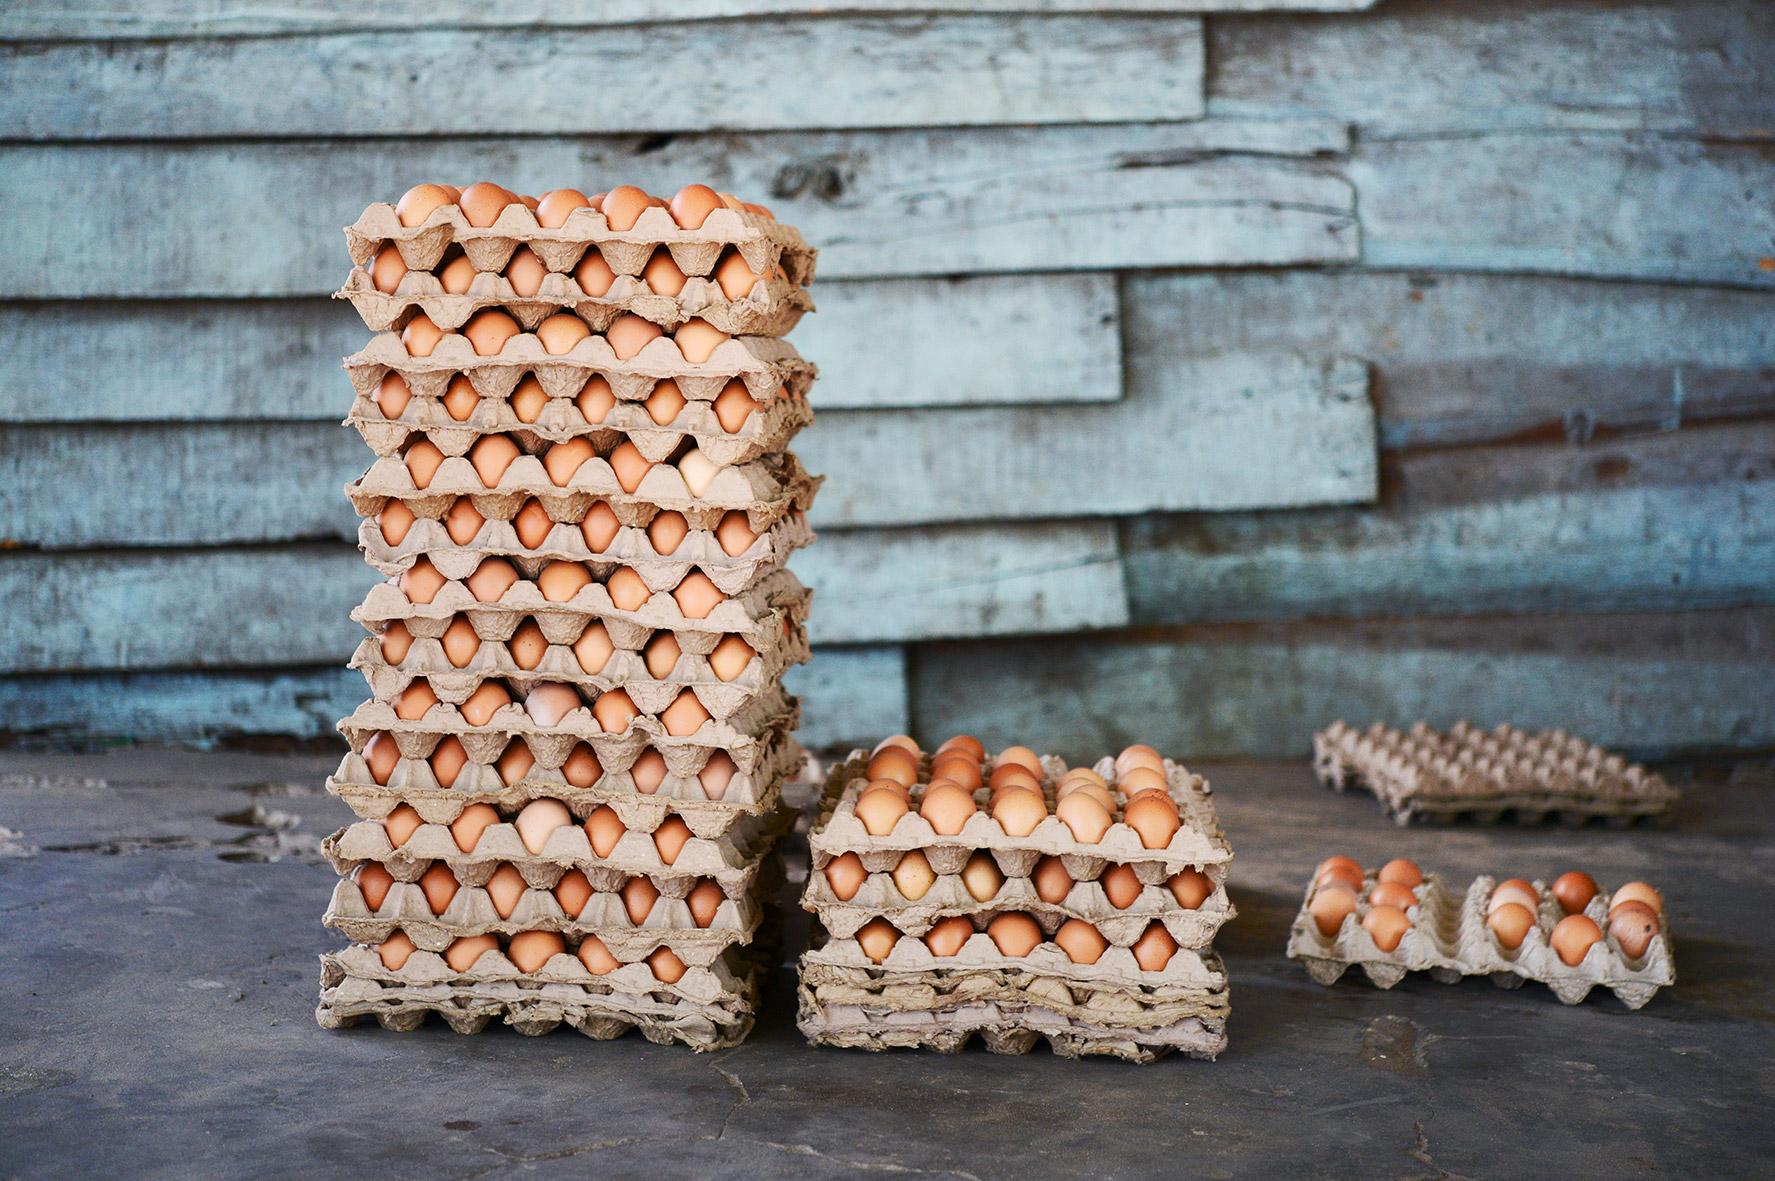 Eierpaletten auf dem Market in Sambia, Bild aus Afrika erhältlich im Onlineshop